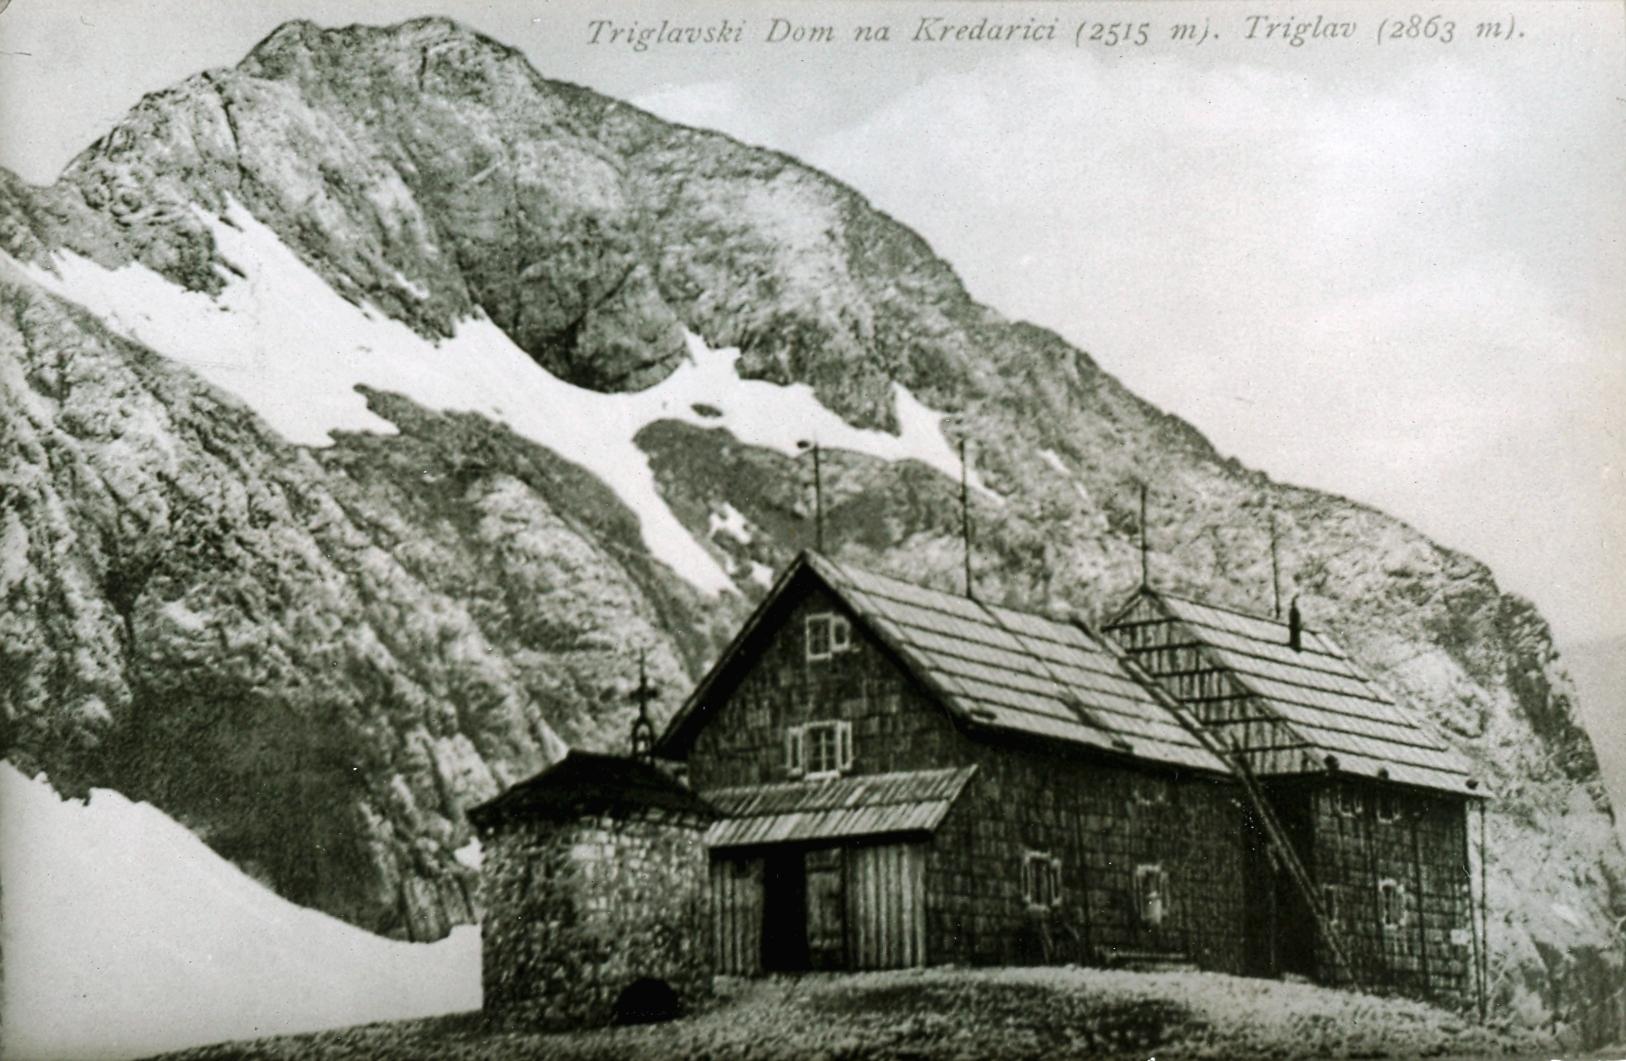 Triglavski dom - kmalu po prenovi leta 1909